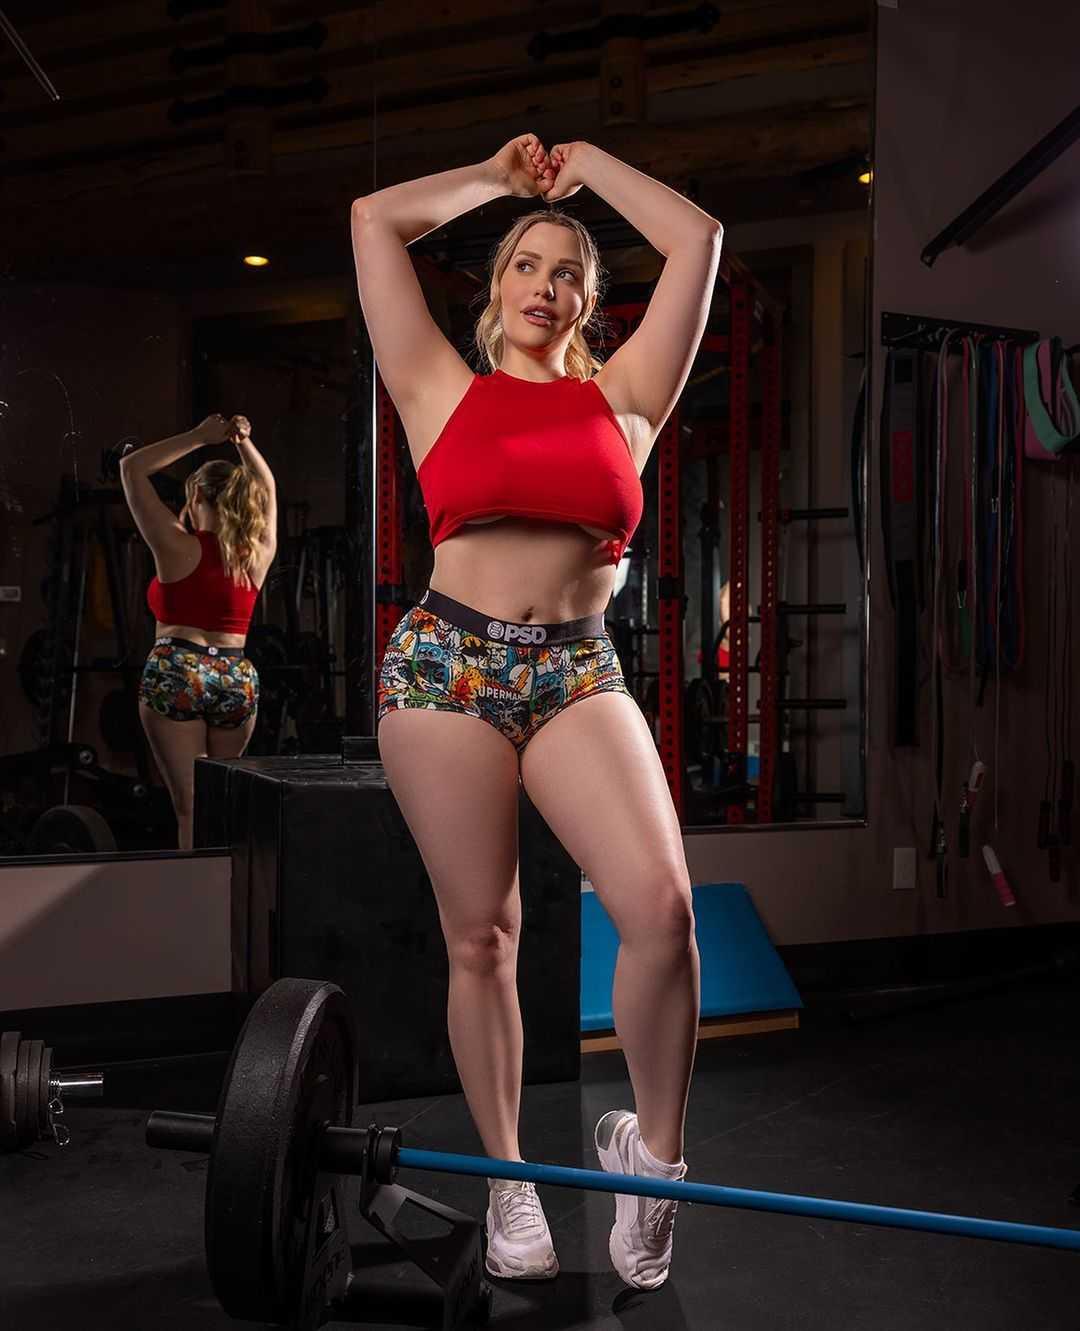 Mia Malkova Gym Photo